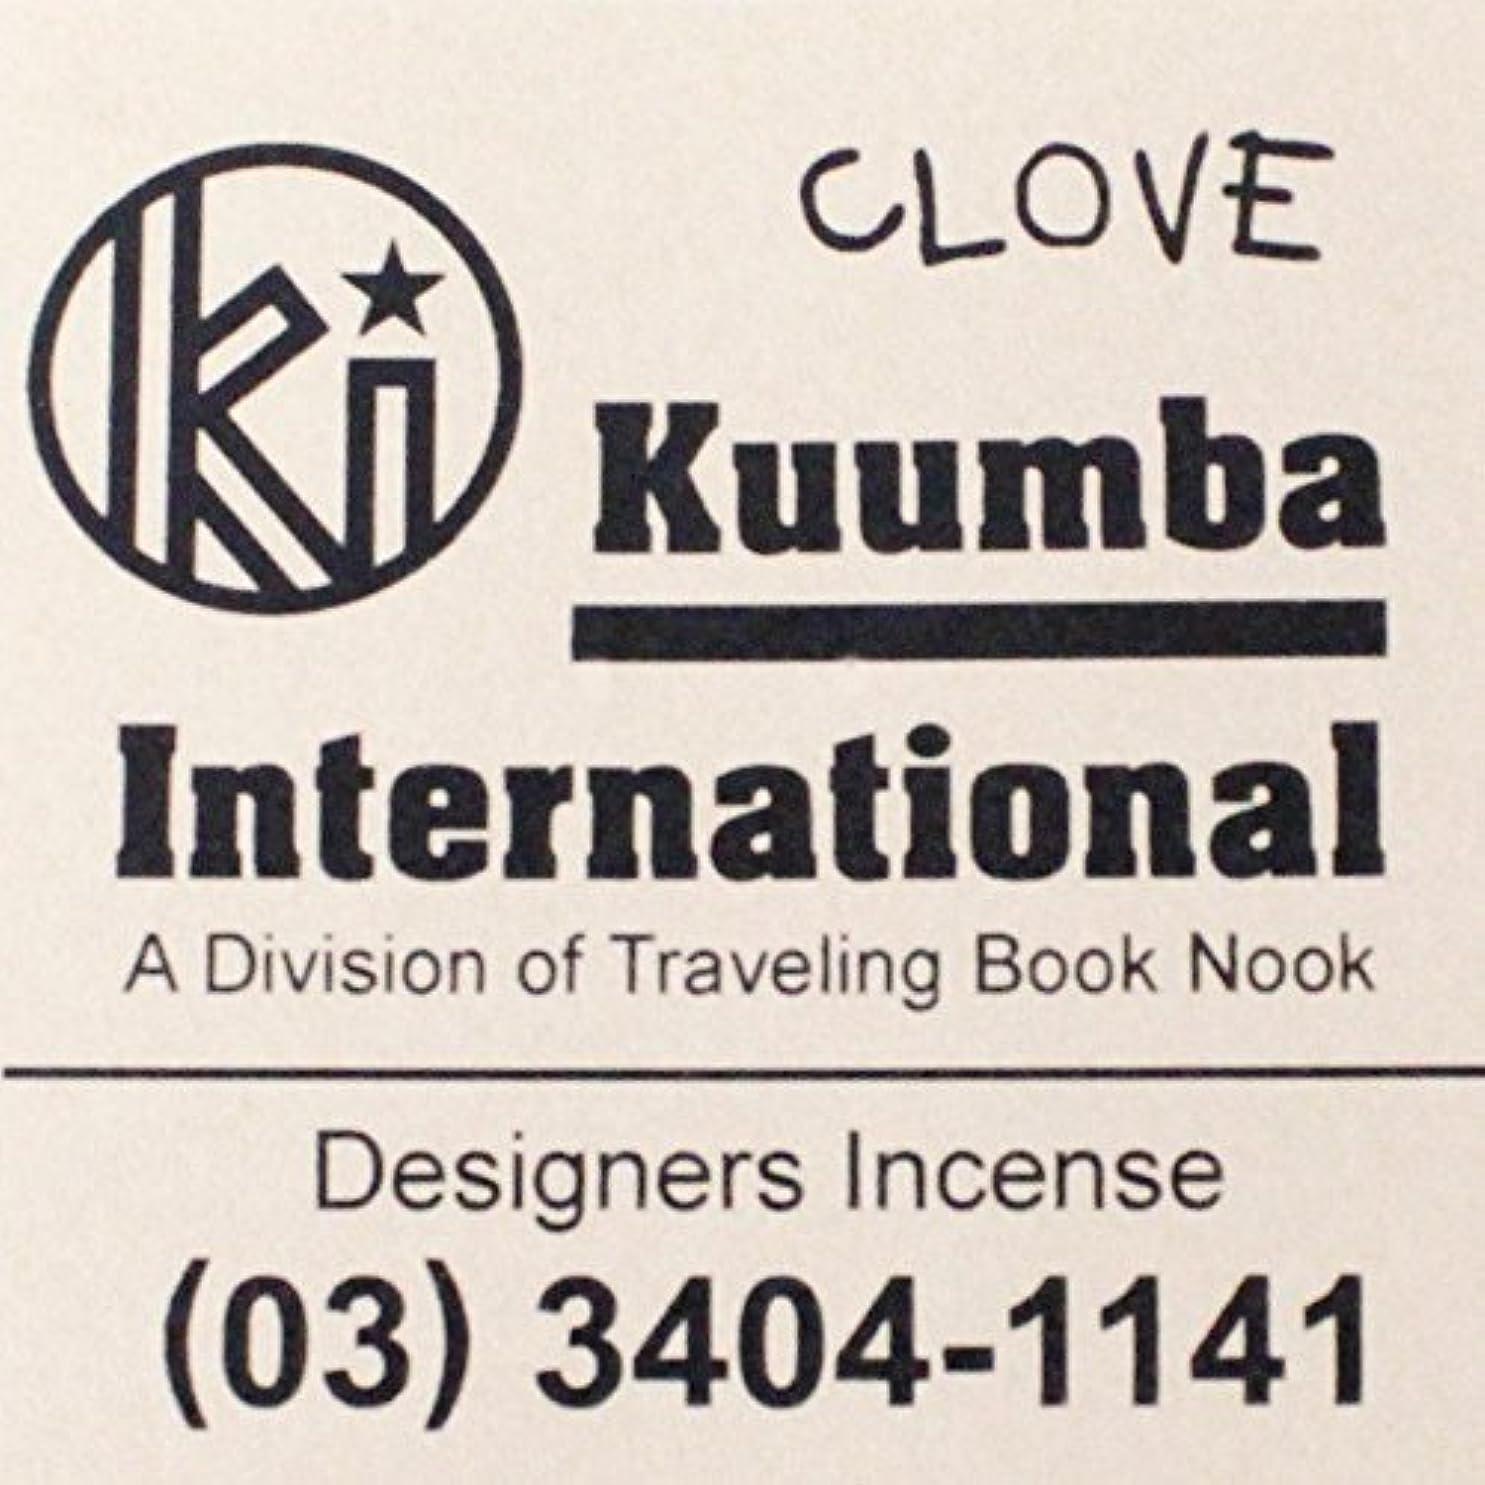 干渉確保する私たちのもの(クンバ) KUUMBA『incense』(CLOVE) (Regular size)